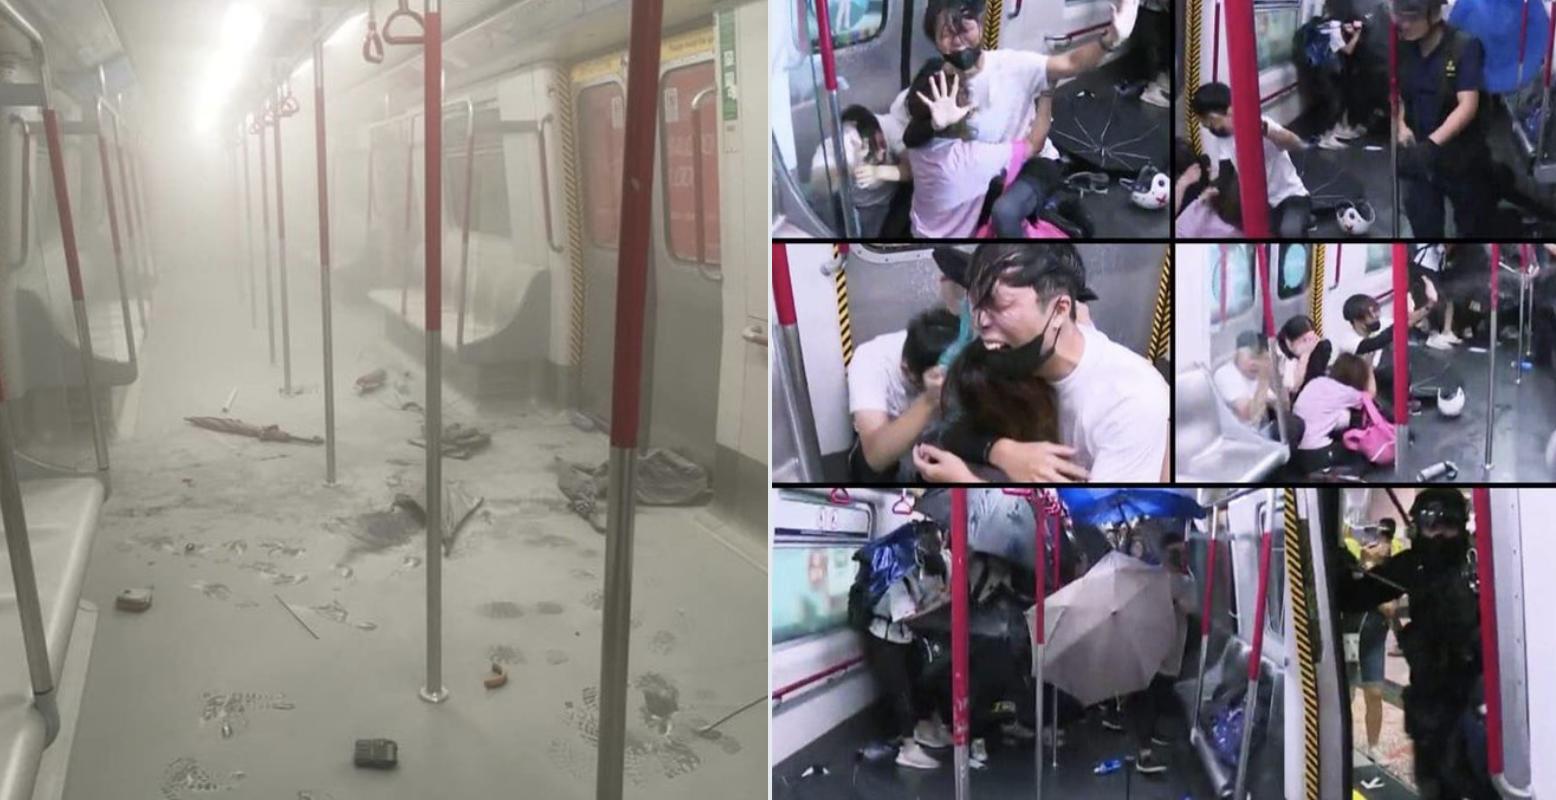 8月31日在太子站,迅龍小隊和防暴警察衝擊月台和車廂對乘客進行無差別攻擊,事件恐怖性震驚香港和世界。(網絡圖片)